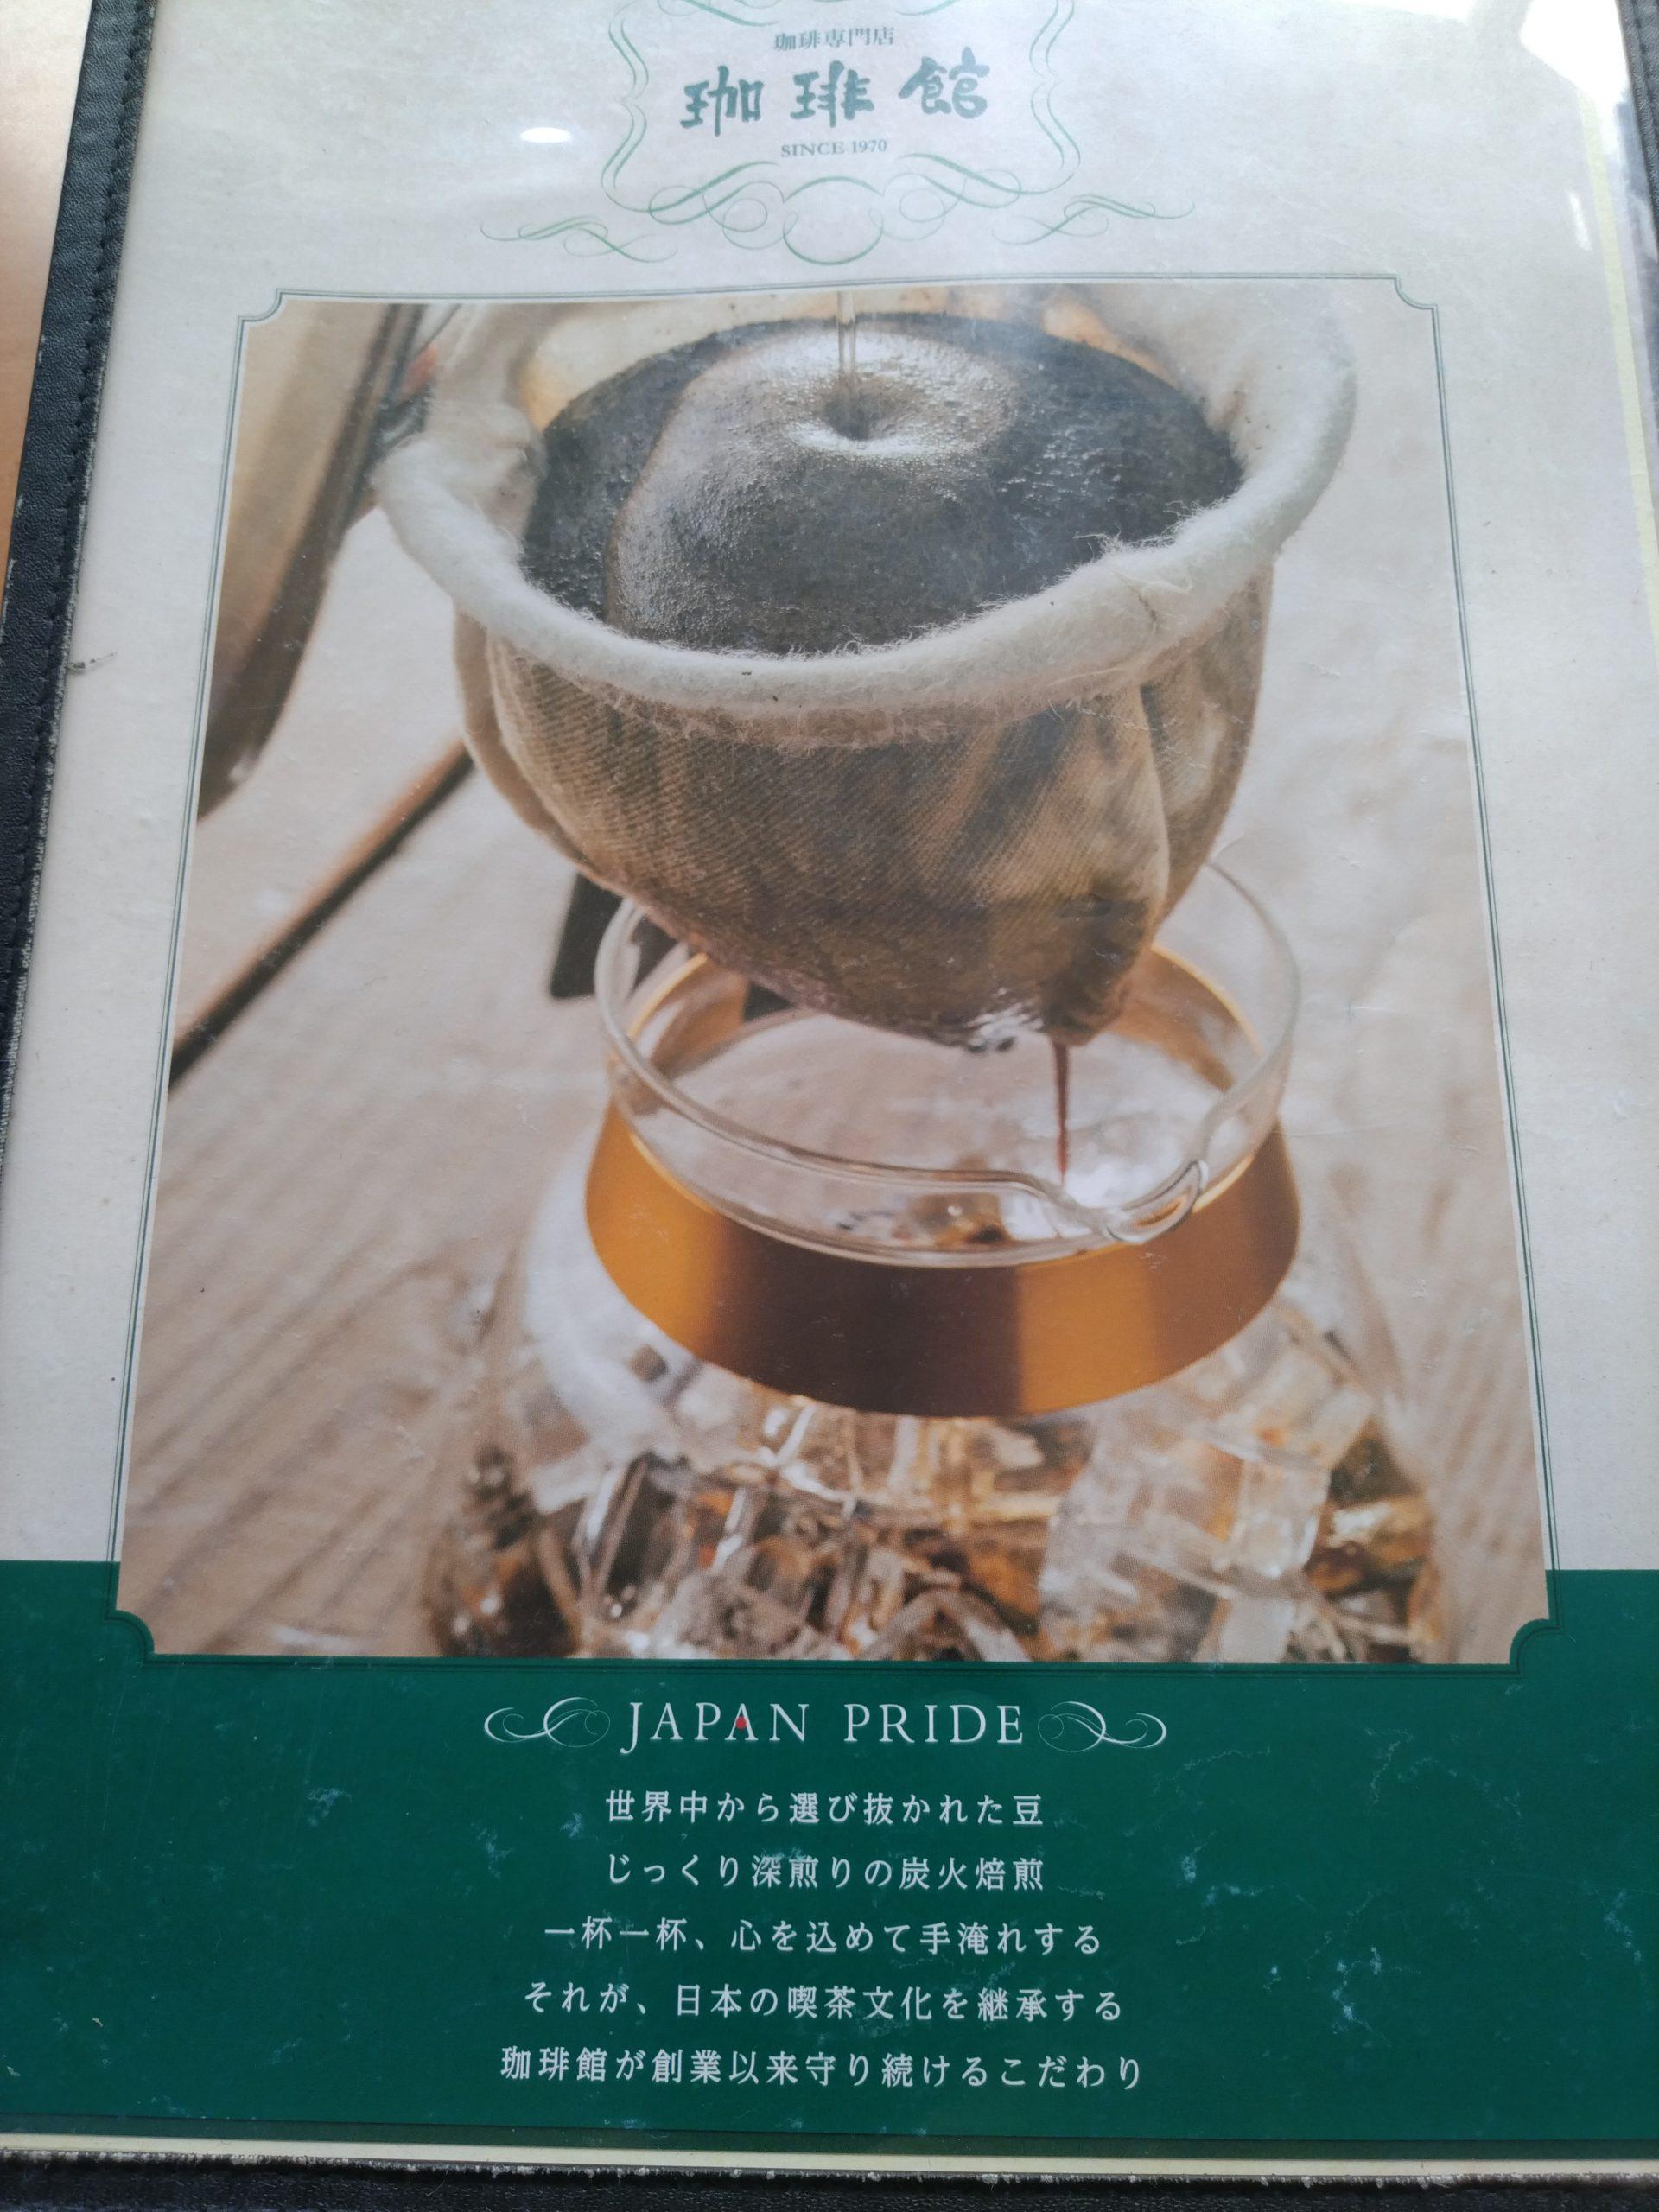 厚切りシナモントースト 珈琲館 コーヒー